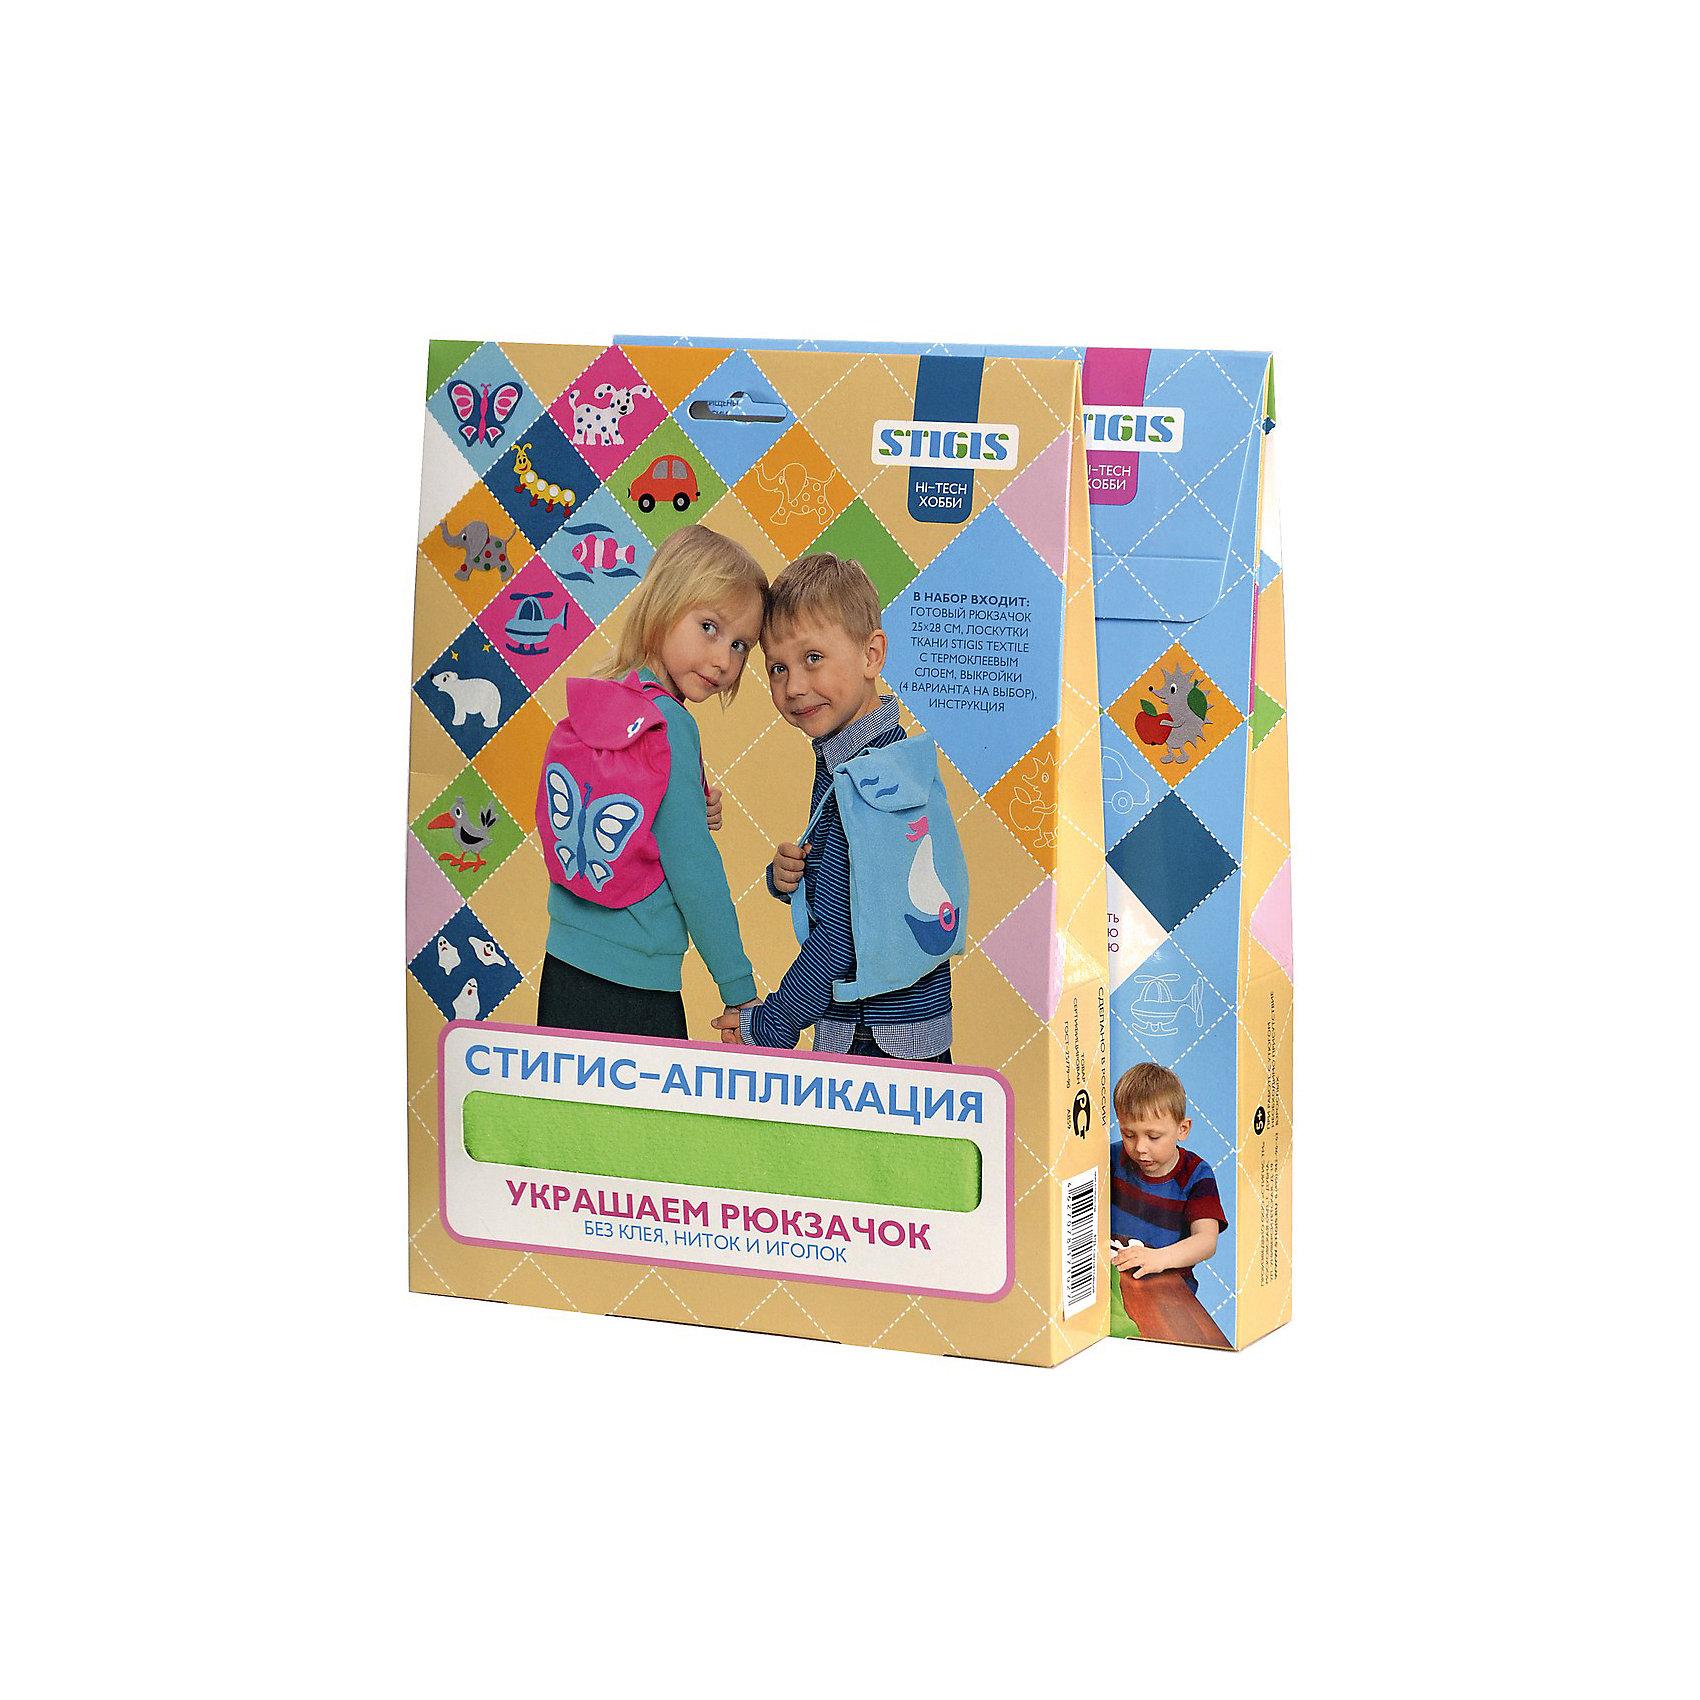 Стигис-аппликация Рюкзак детский, салатовыйРукоделие<br>С помощью набора для стигис-аппликации ребенок сможет создать себе уникальный рюкзачок с собственным дизайном.  Для создания красивой аппликации нужно  лишь придумать желаемый рисунок, нарисовать его на stigis-ткани, вырезать, приложить к рюкзаку и прогладить утюгом. Если готовая аппликация не понравилась, ее можно легко удалить, прогладив утюгом еще раз. Все материалы гипоаллергенны и безопасны. Такое творчество развивает усидчивость, аккуратность и дизайнерские способности ребенка. Прекрасный выбор для начинающих дизайнеров!<br><br>Дополнительная информация:<br>В комплекте: рюкзачок, stigis-ткань, выкройки, инструкция<br>Цвет: салатовый<br>Размер: 3,5х27х20 см<br>Вес: 120 грамм<br>Набор для стигис-аппликации Рюкзачок можно приобрести в нашем интернет-магазине.<br><br>Ширина мм: 200<br>Глубина мм: 270<br>Высота мм: 35<br>Вес г: 120<br>Возраст от месяцев: 36<br>Возраст до месяцев: 72<br>Пол: Унисекс<br>Возраст: Детский<br>SKU: 4939433